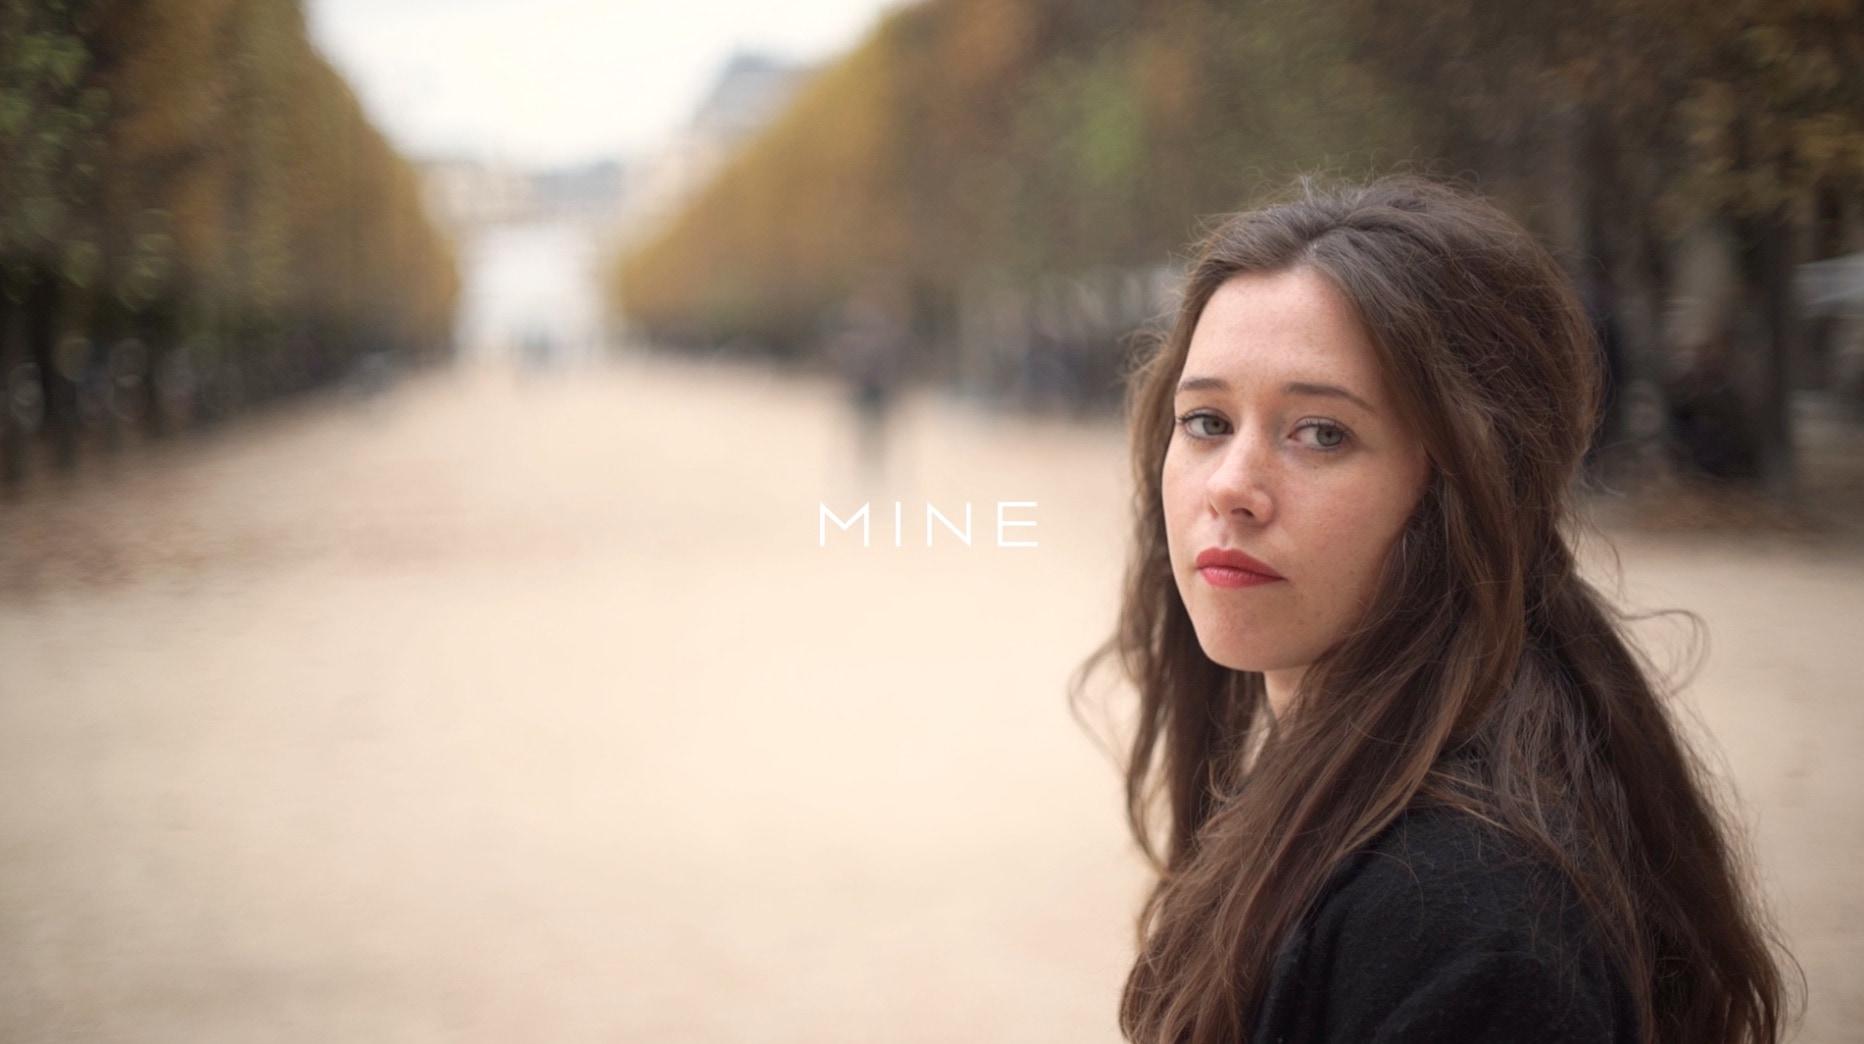 【Paris】ワントーンコーデで作る、控えめなエレガントスタイル